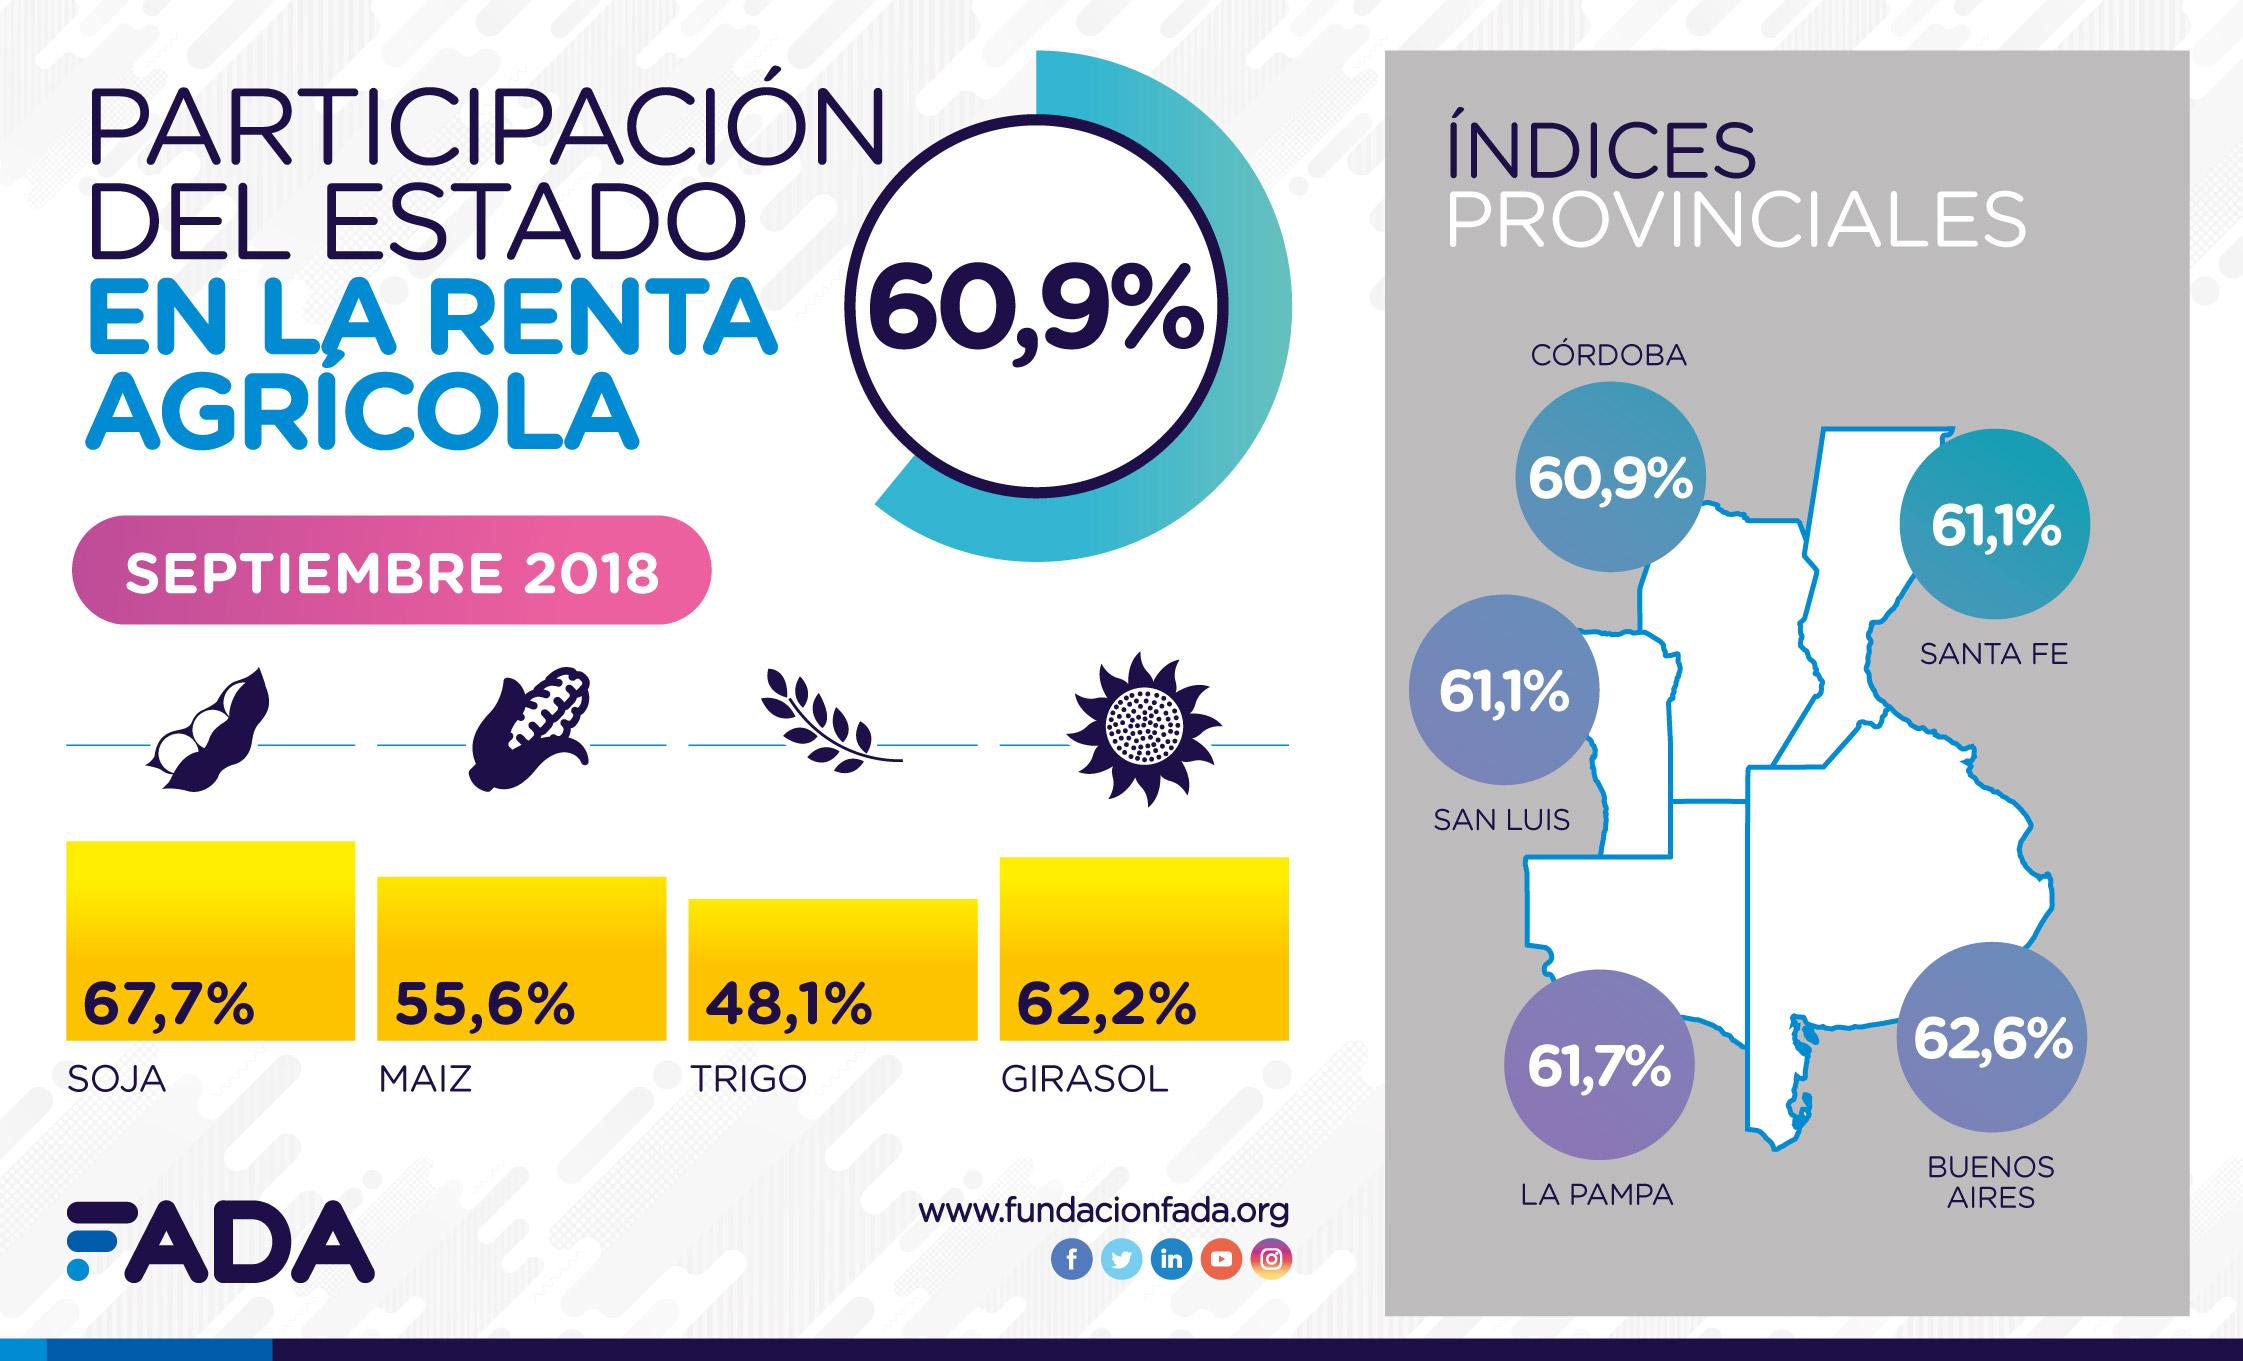 Indice FADA septiembre 2018: 60,9%